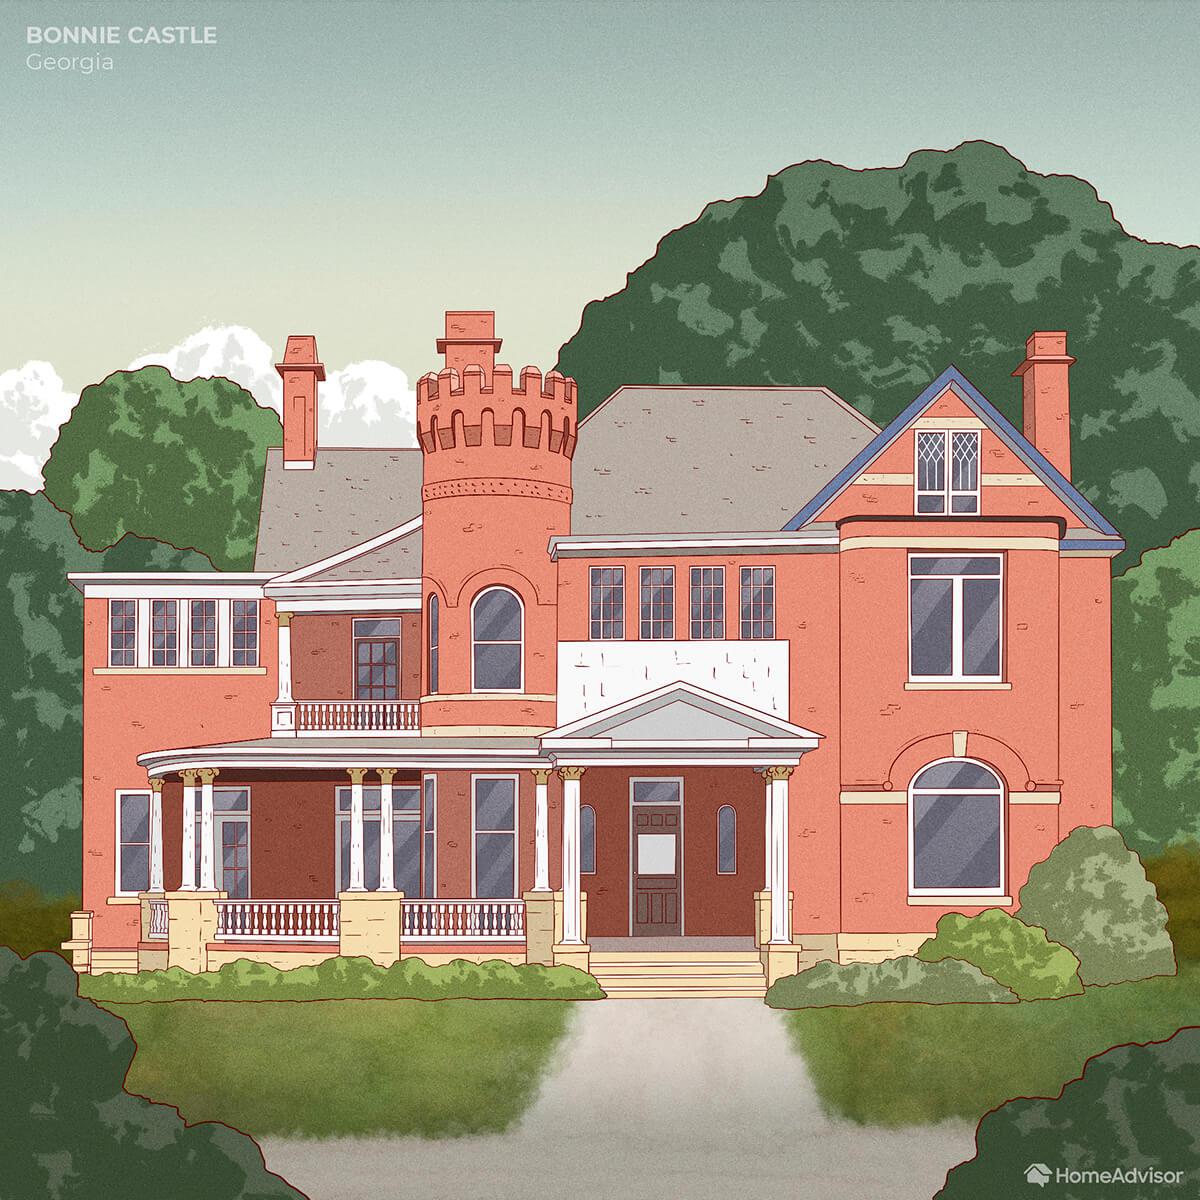 Bonnie Castle